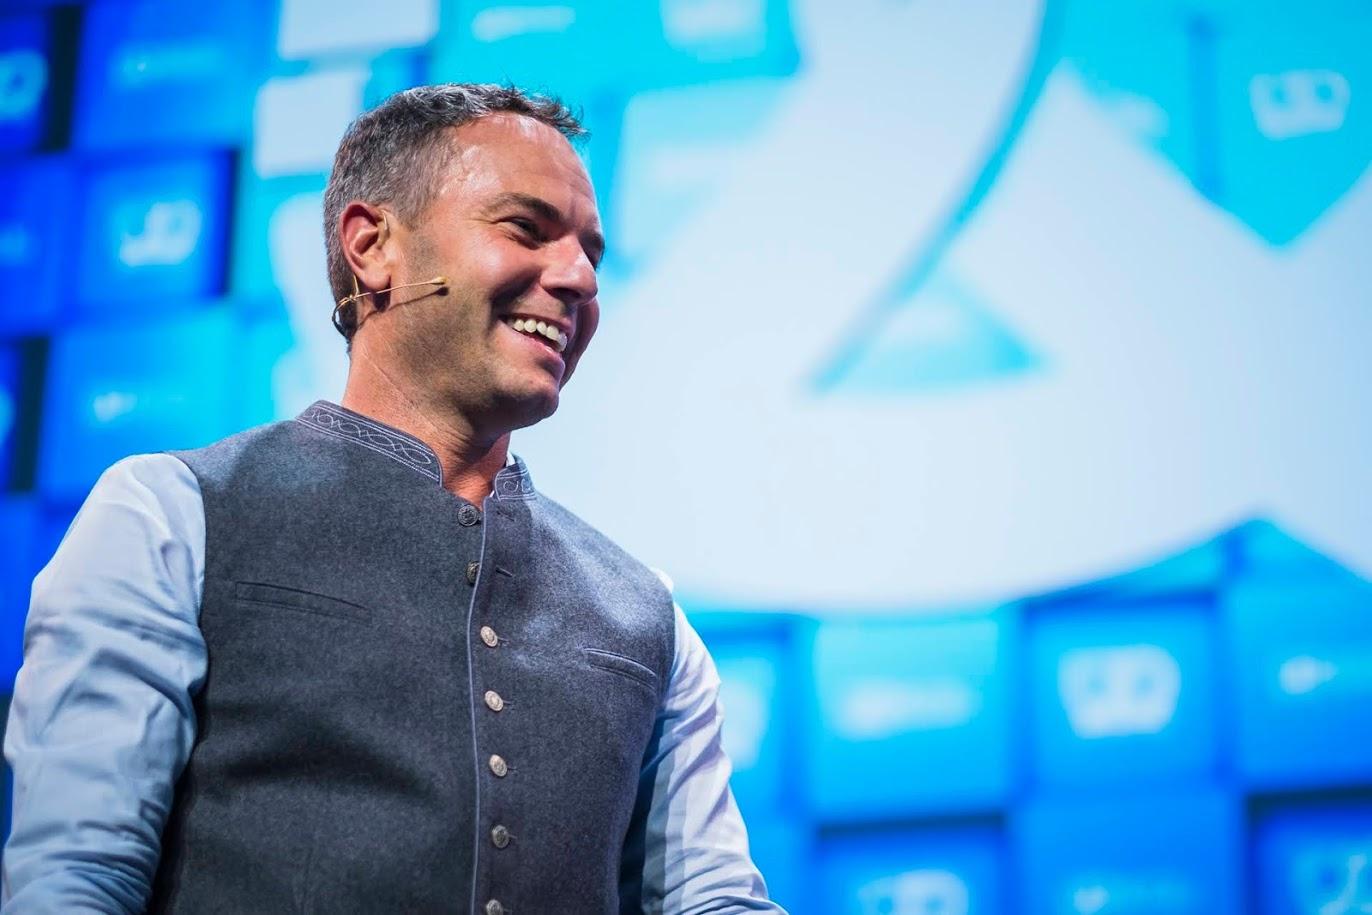 Innovative entrepreneur business speaker Chris Barton